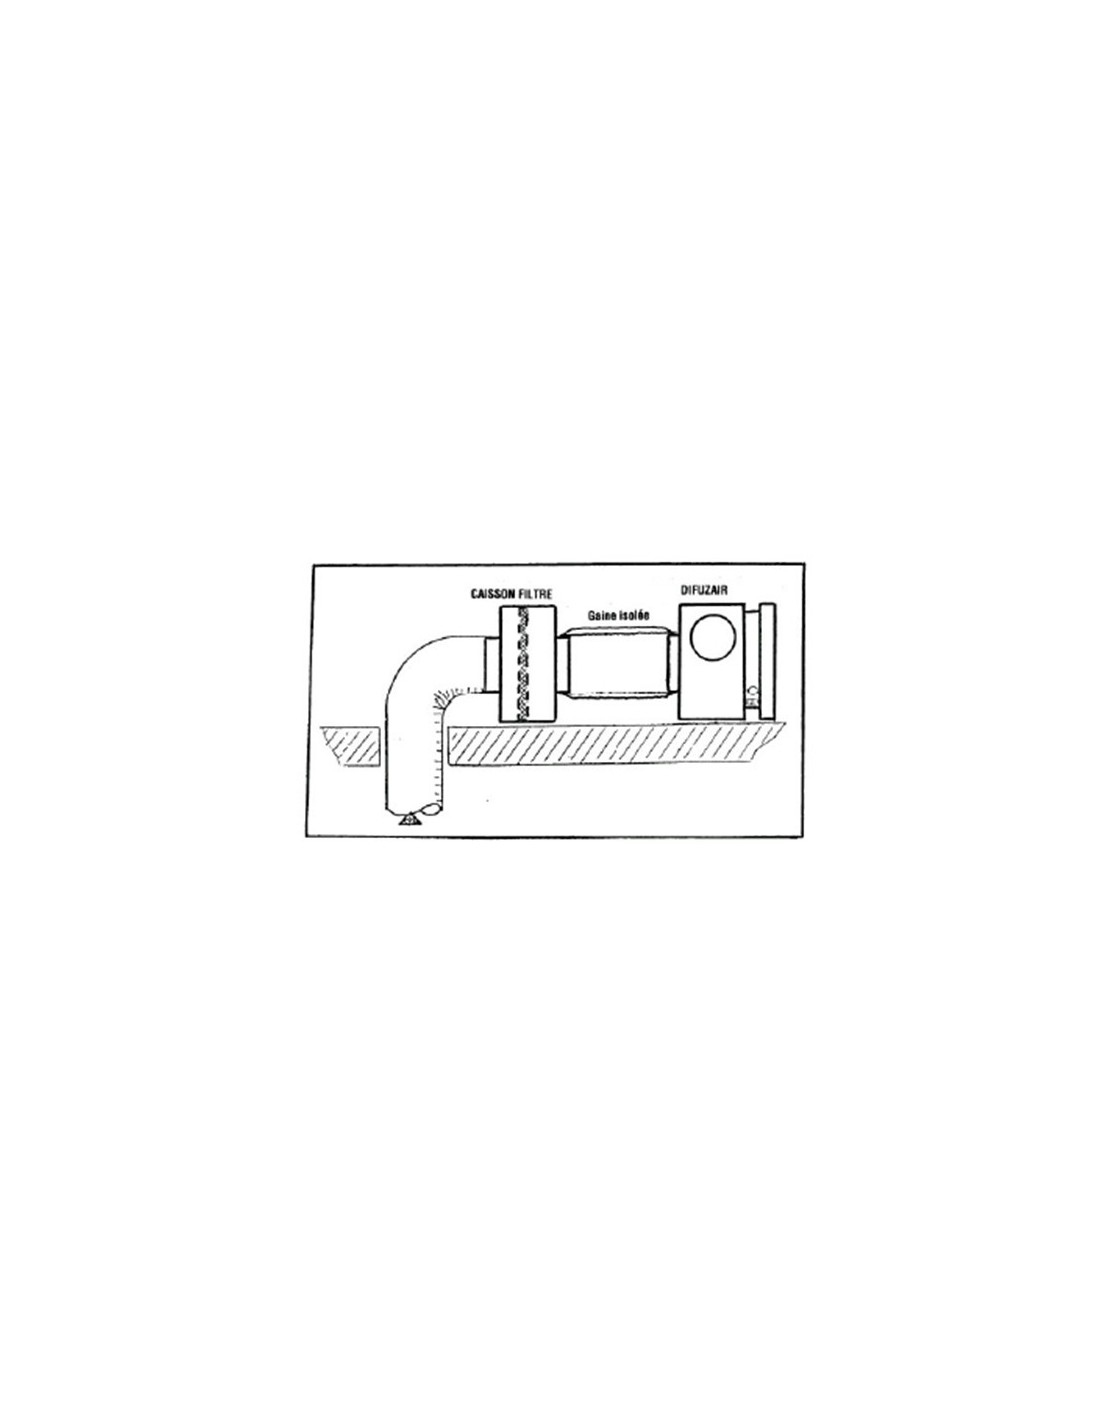 caisson filtre difuzair pour r cup rateur air chaud. Black Bedroom Furniture Sets. Home Design Ideas